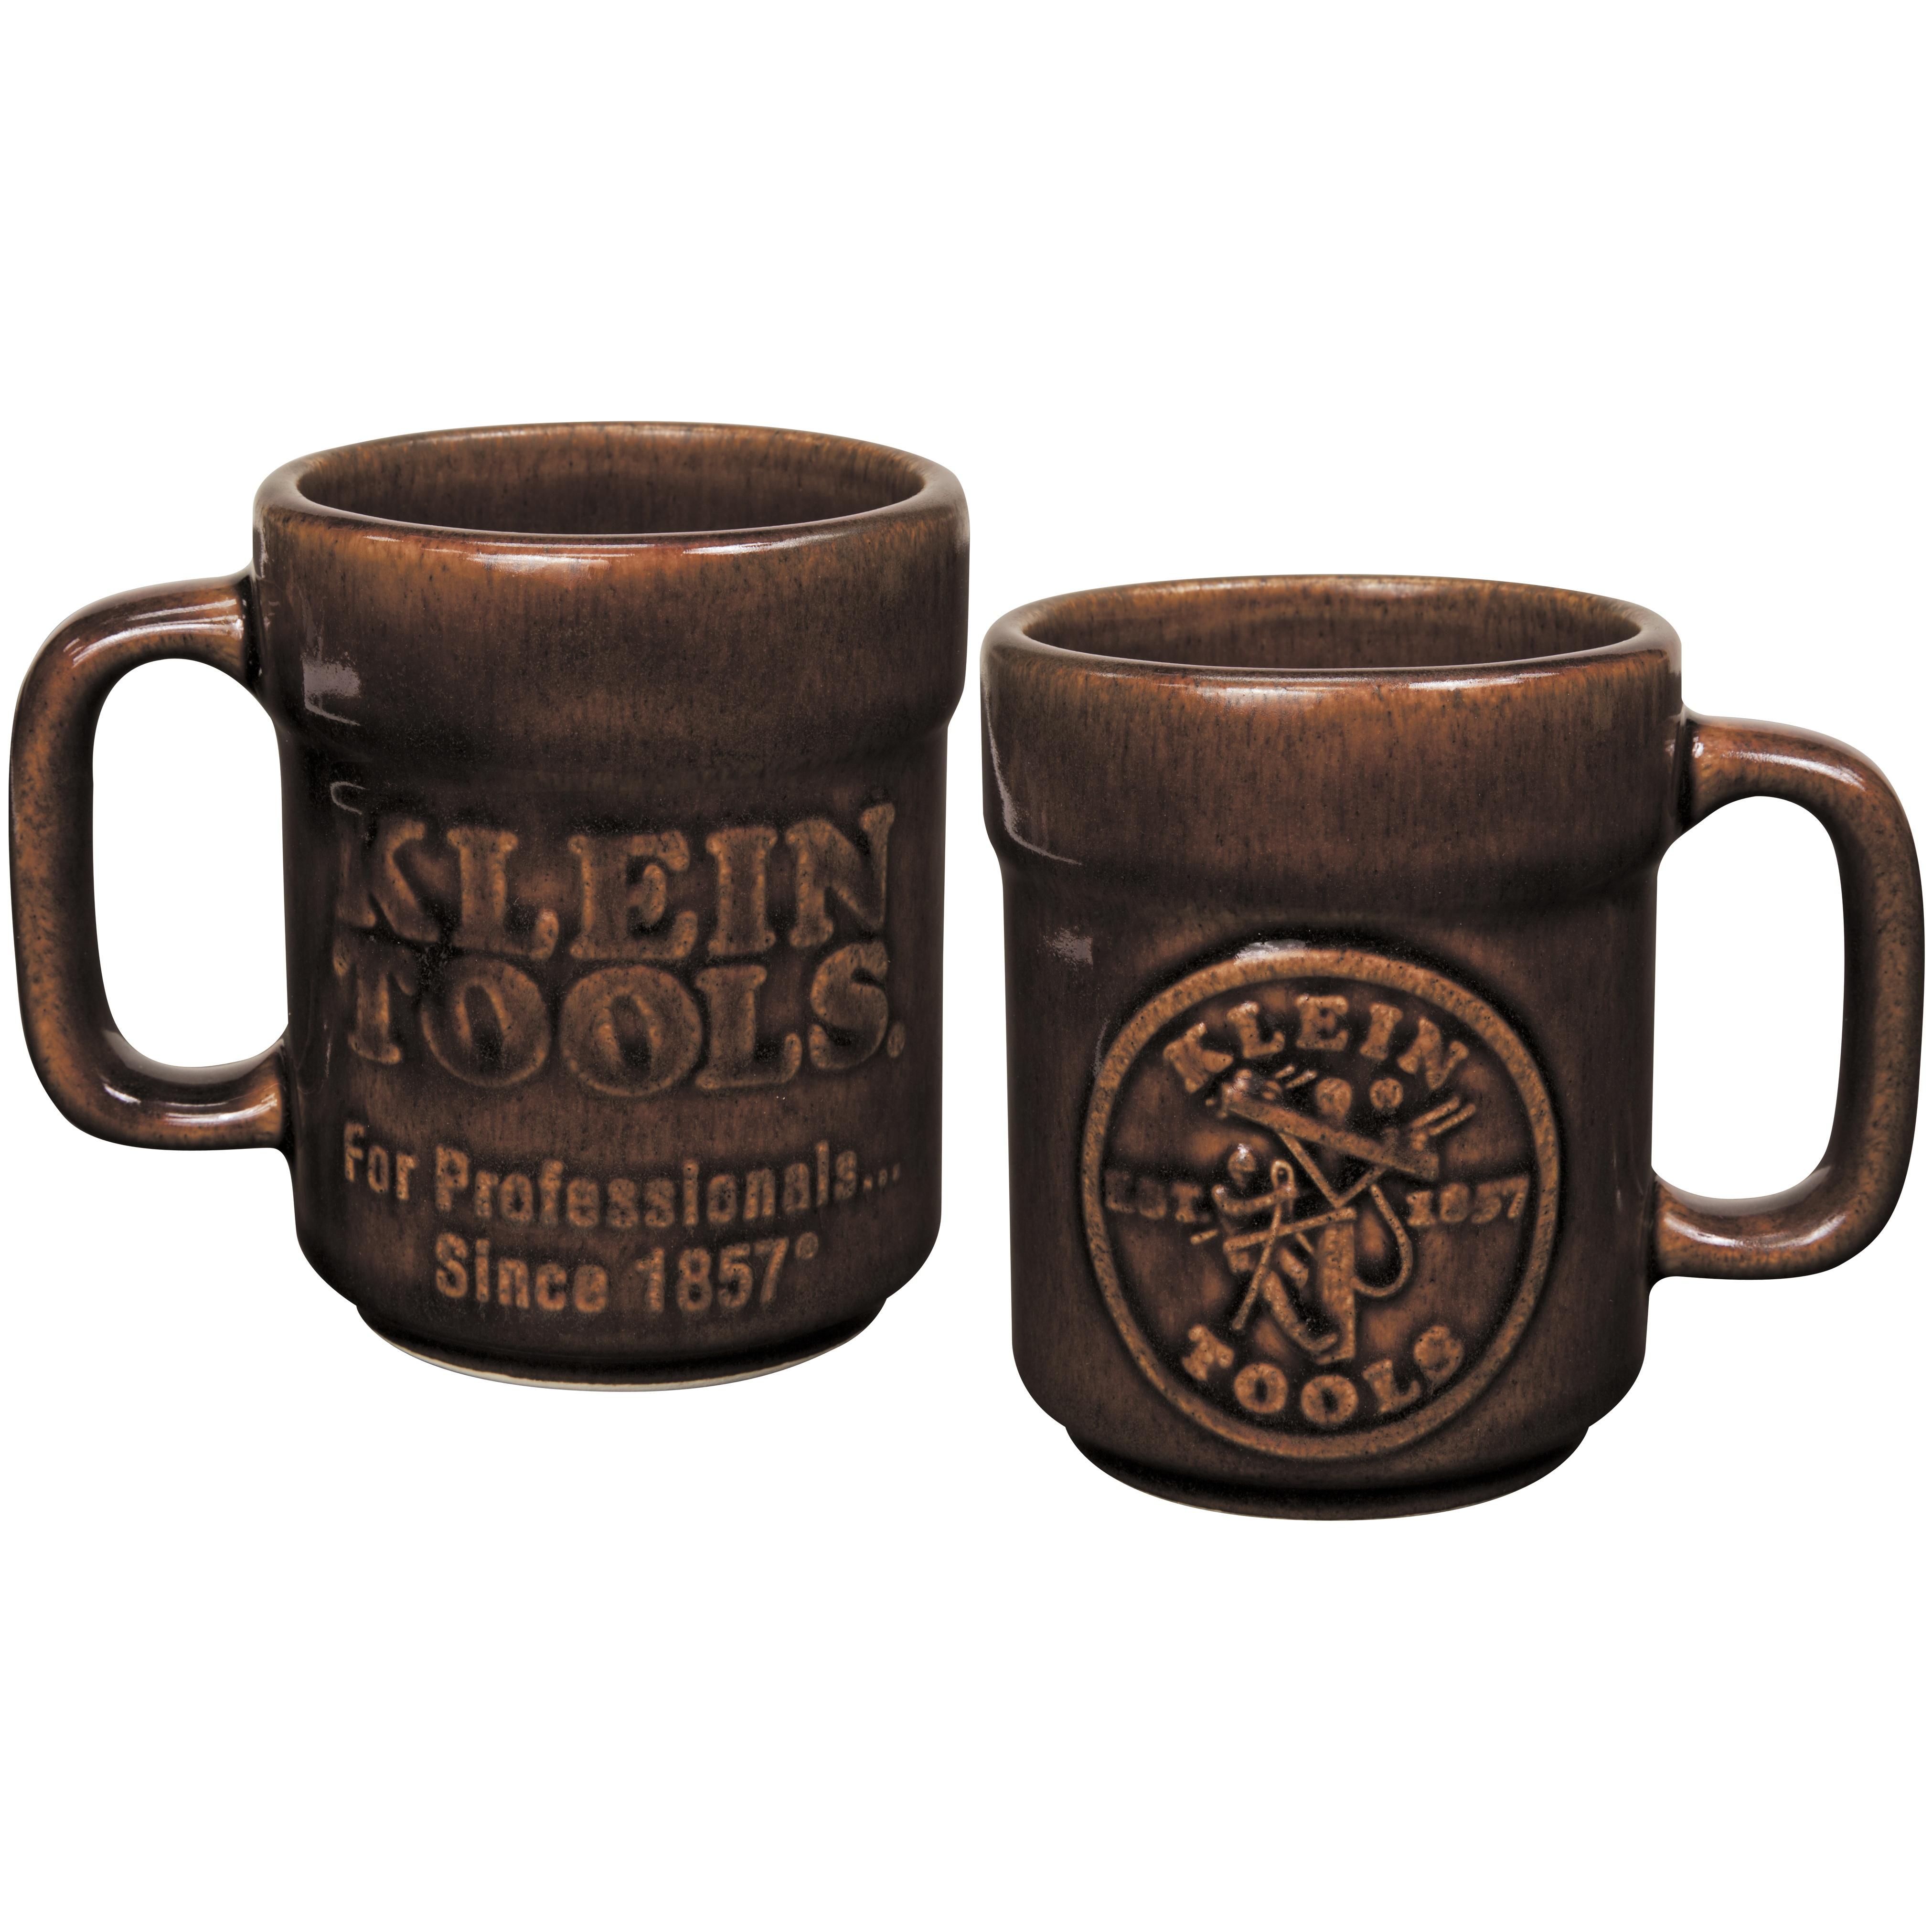 Klein Tools 96691 Vintage Ceramic Mug